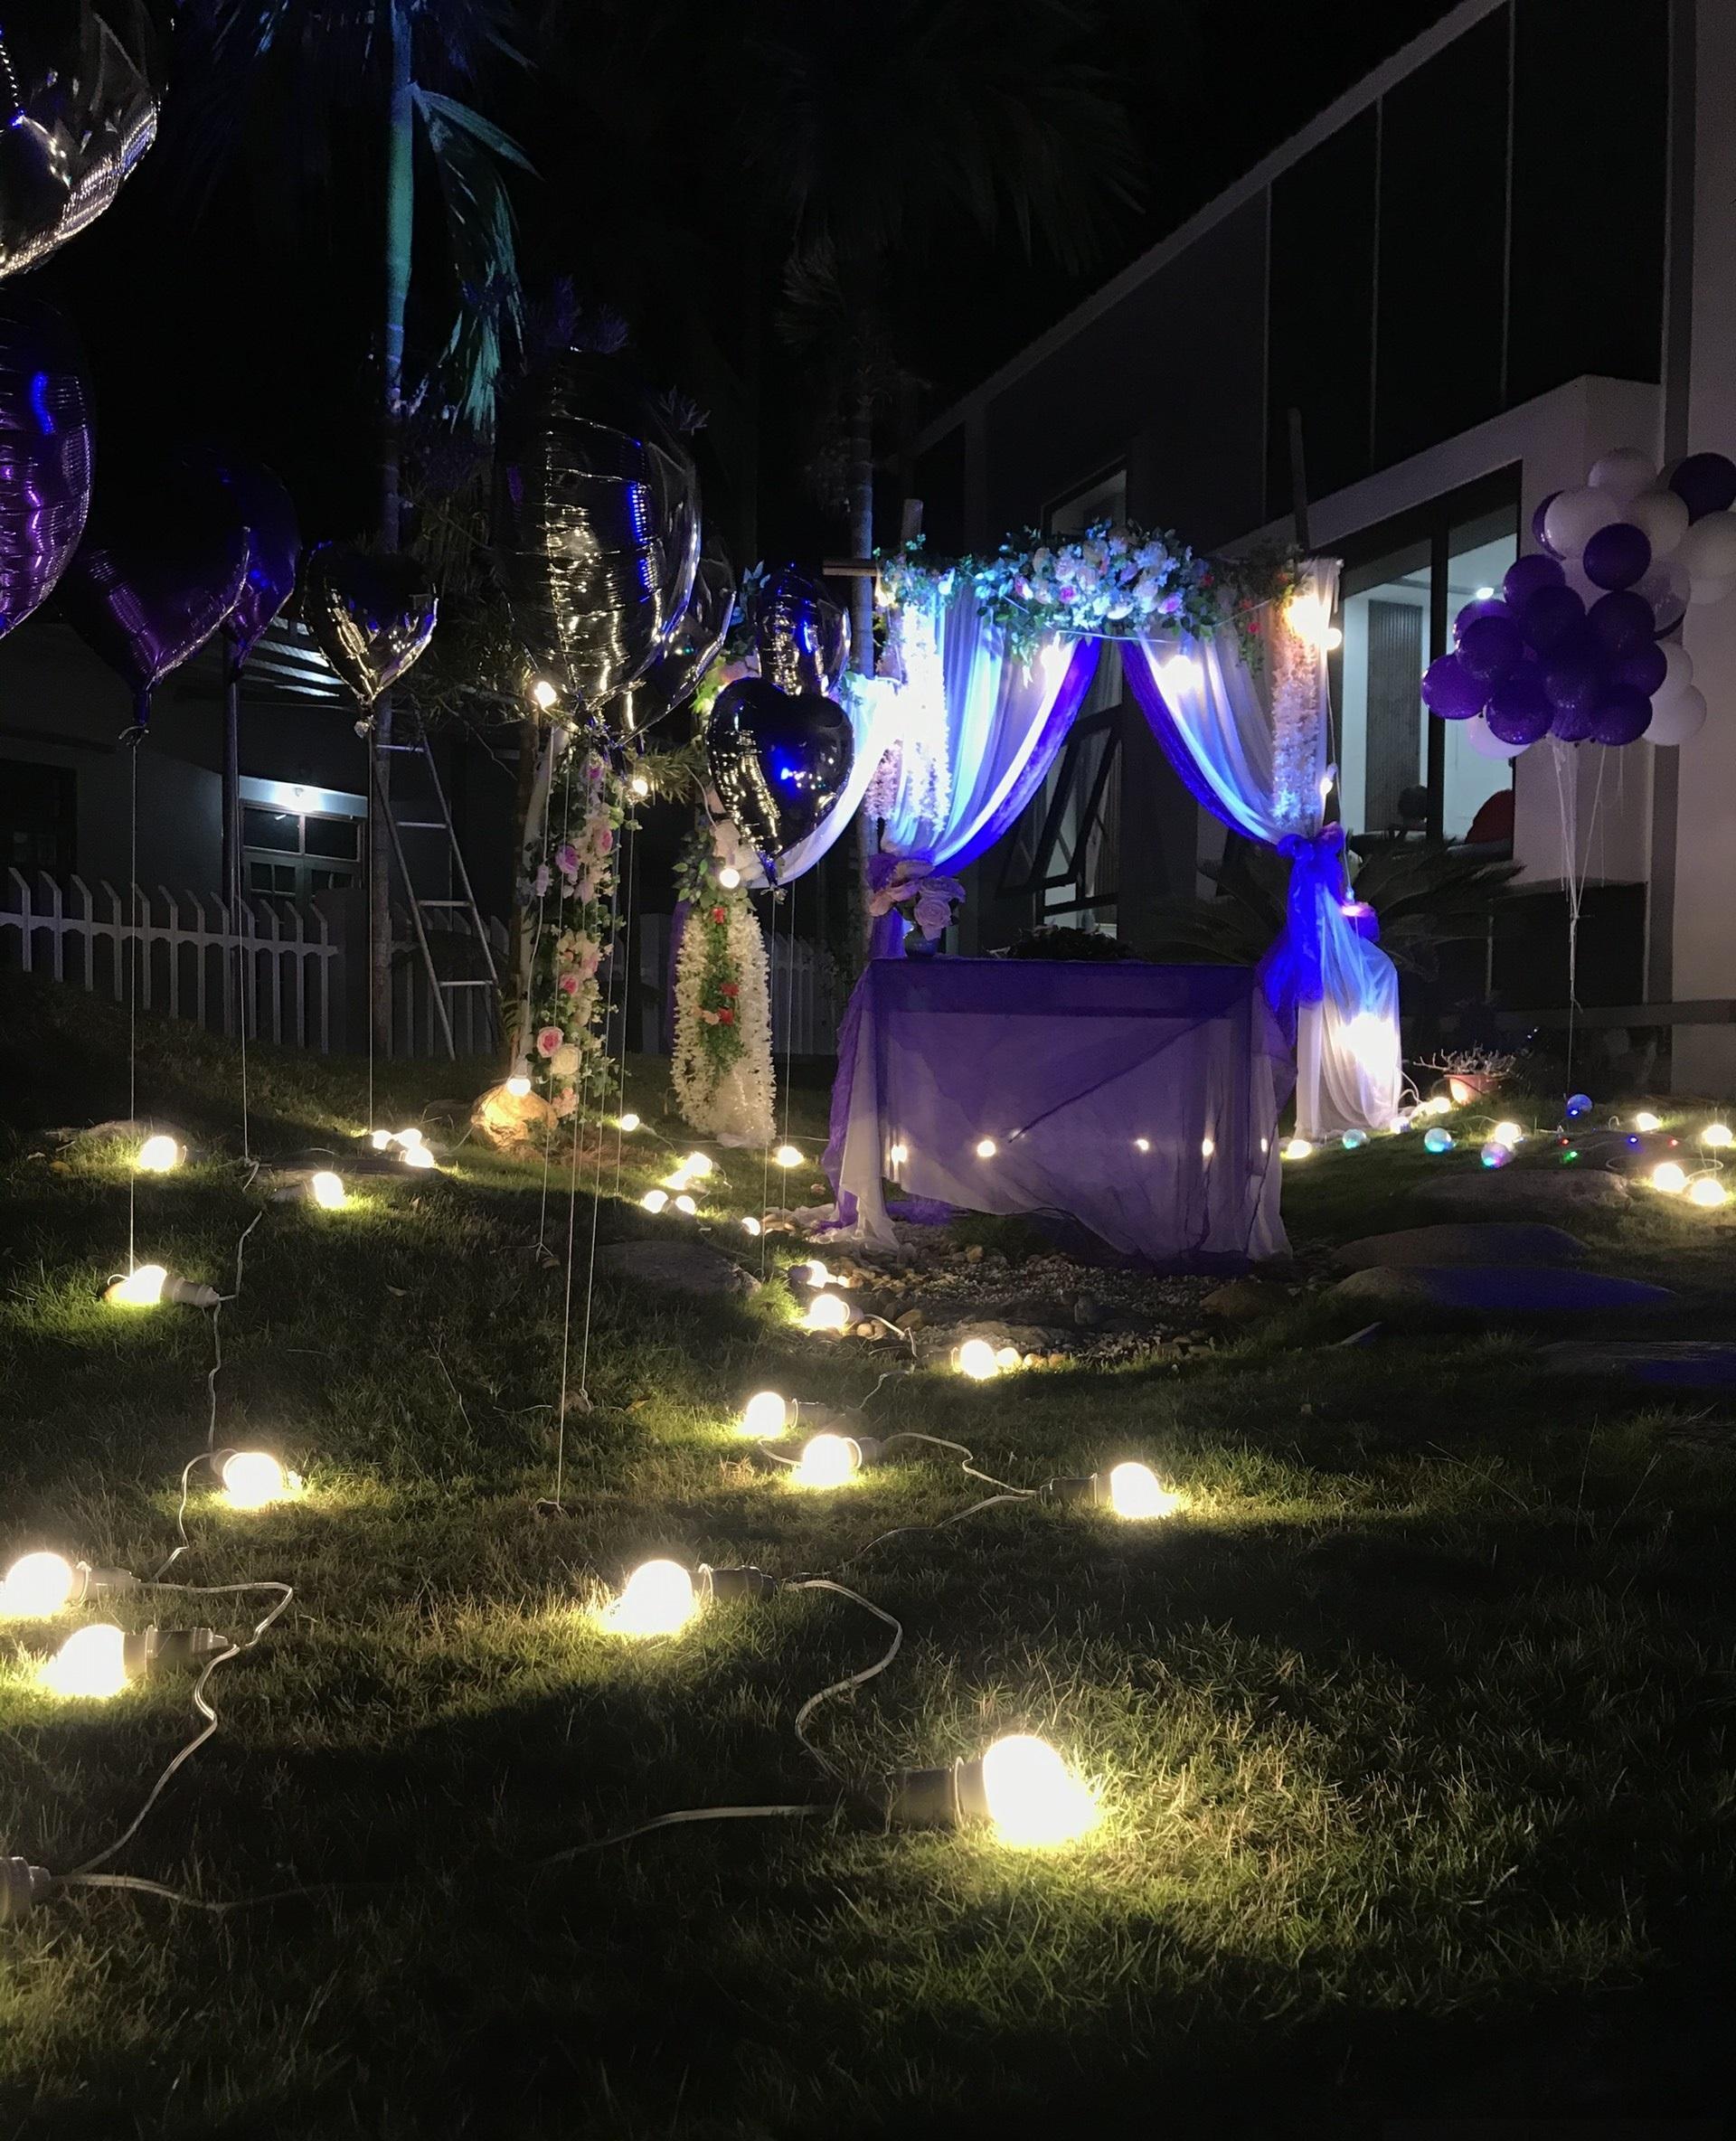 21 15987999005082103788033 - Con trai xây nhà vườn bên đồng lúa xanh mát tặng bố mẹ an hưởng tuổi già ở Vĩnh Phúc